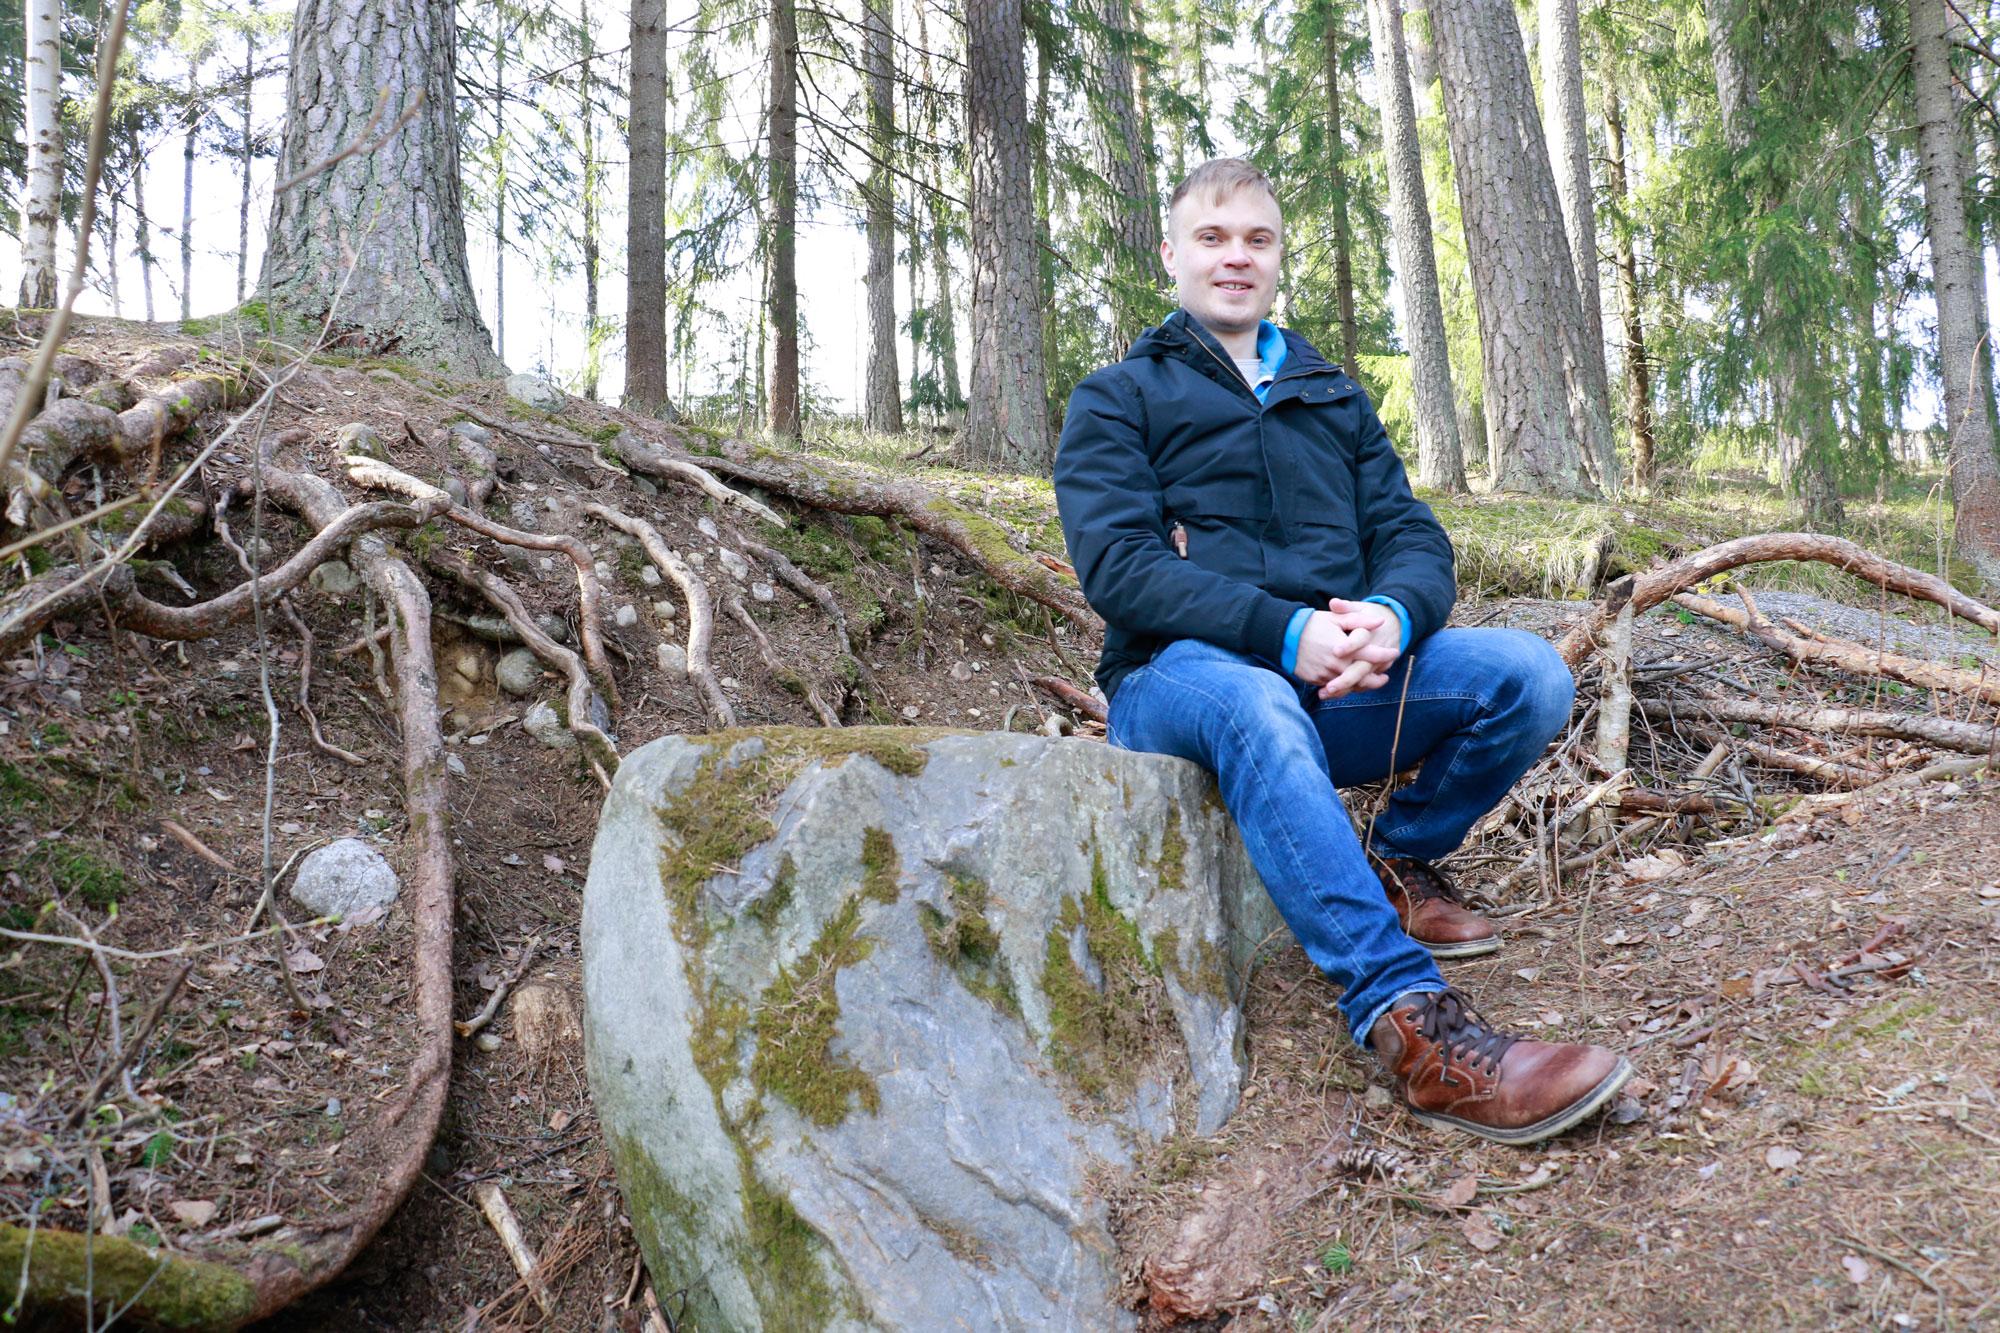 Kesätyöpankin johtaja Matias Wirtanen kertoo olleensa kesätöissä muun muassa nurmikonleikkaajana, peltikattojen maalaajana ja kaupan kassana.